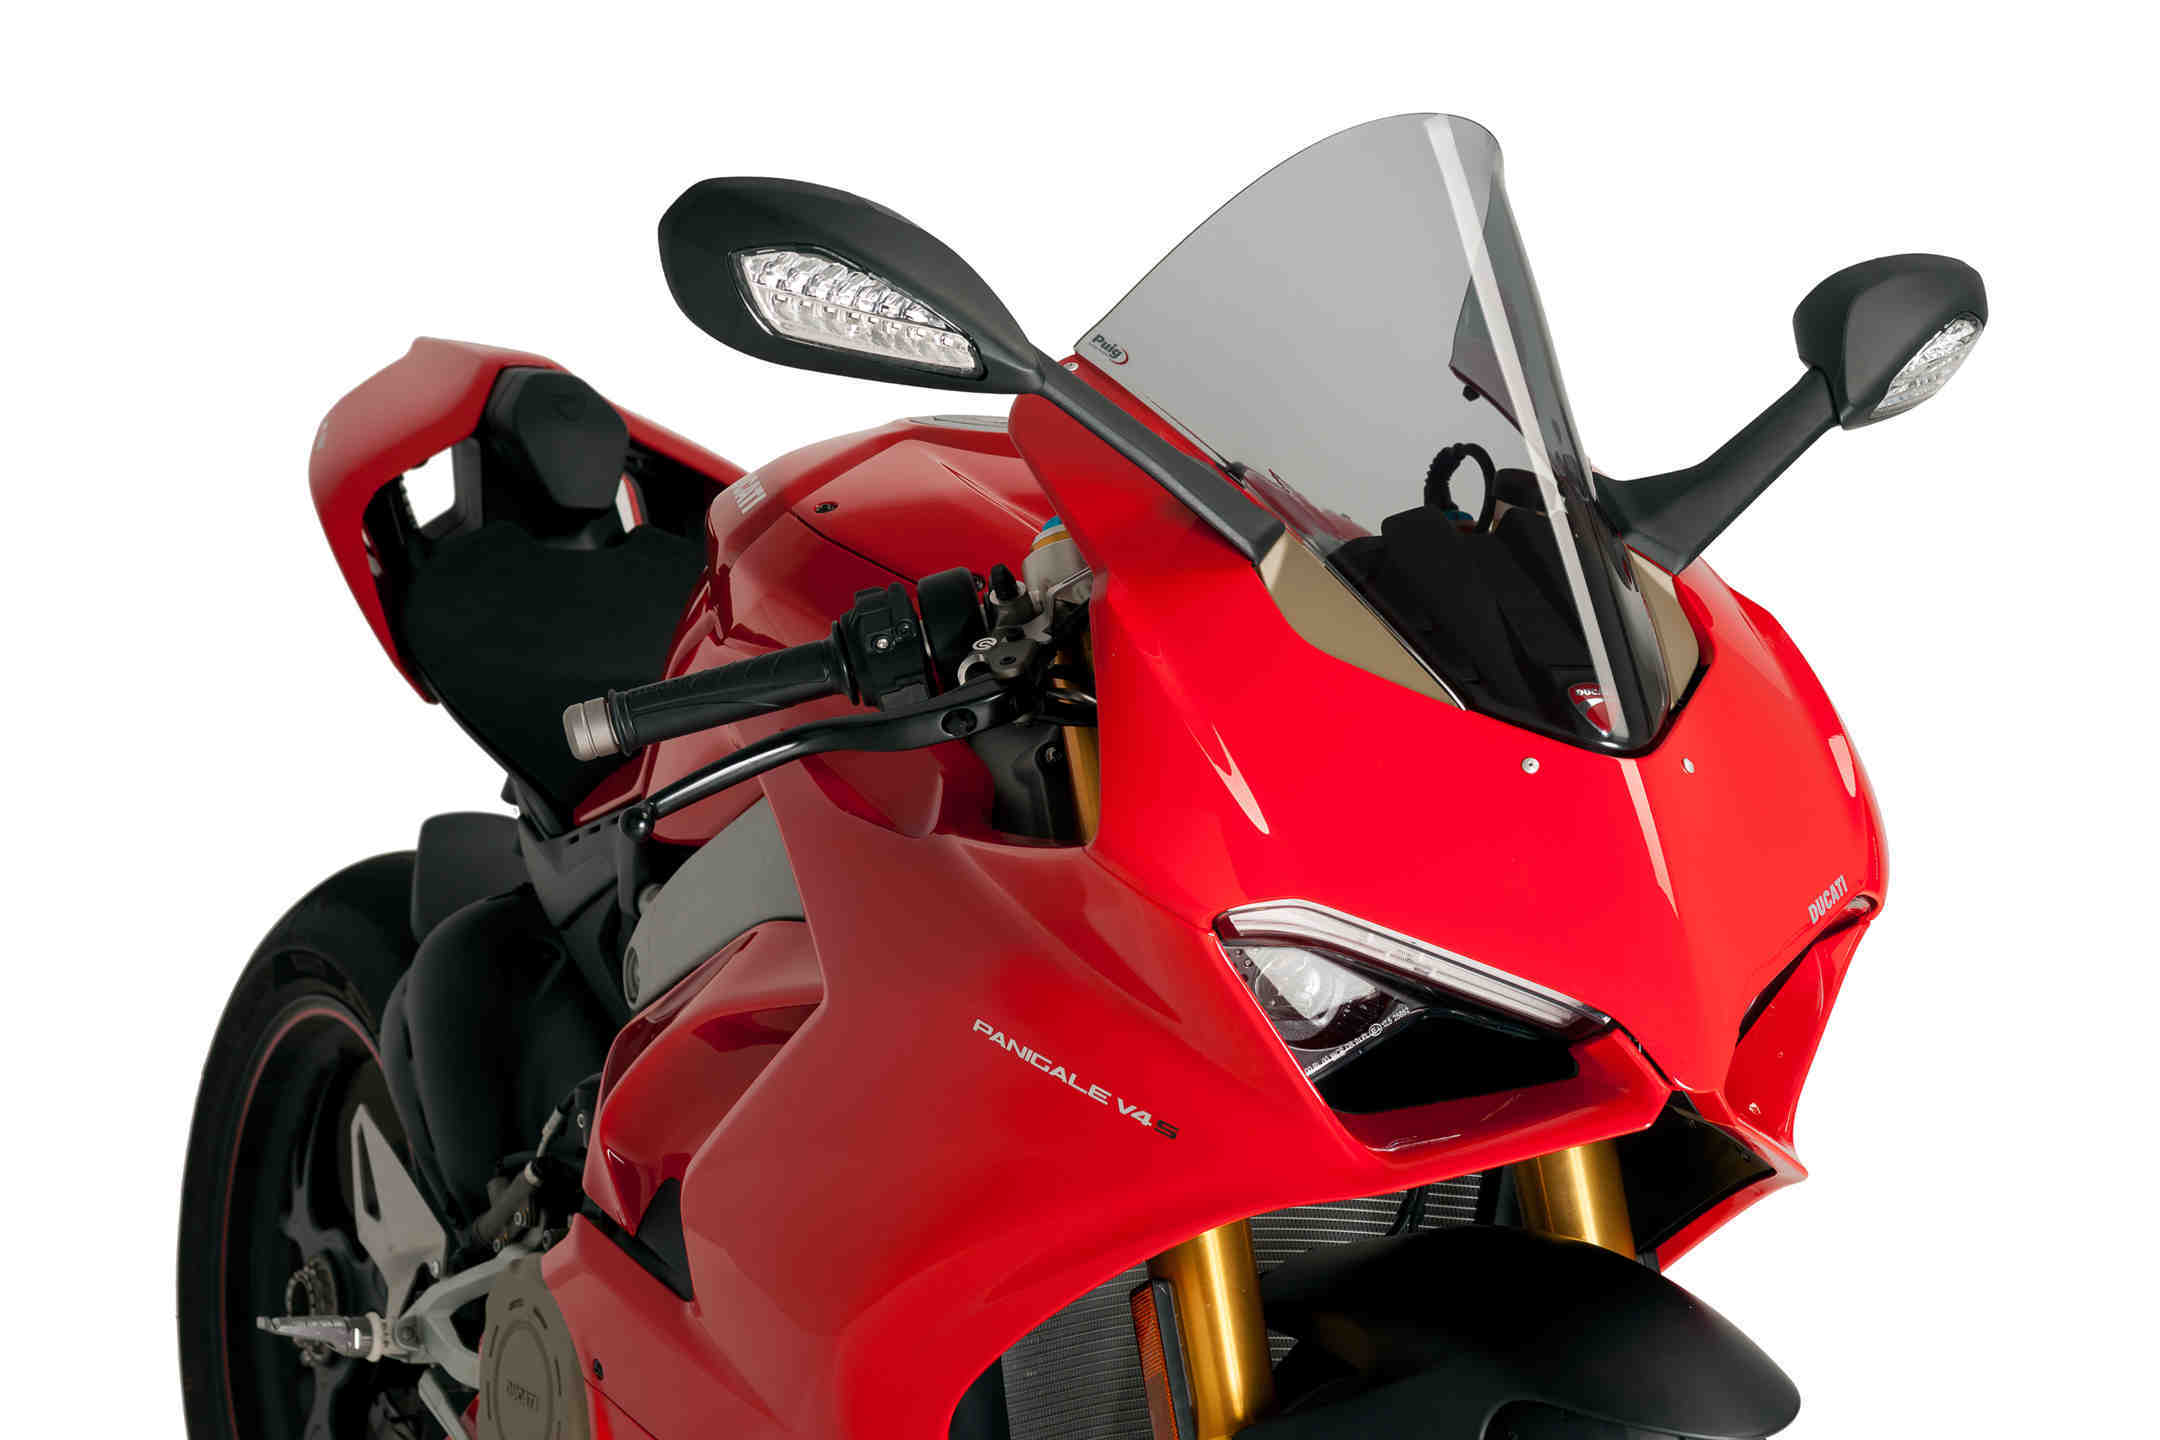 ชิวหน้า Puig  สำหรับ Panigale V4/S/R  รุ่น Racing